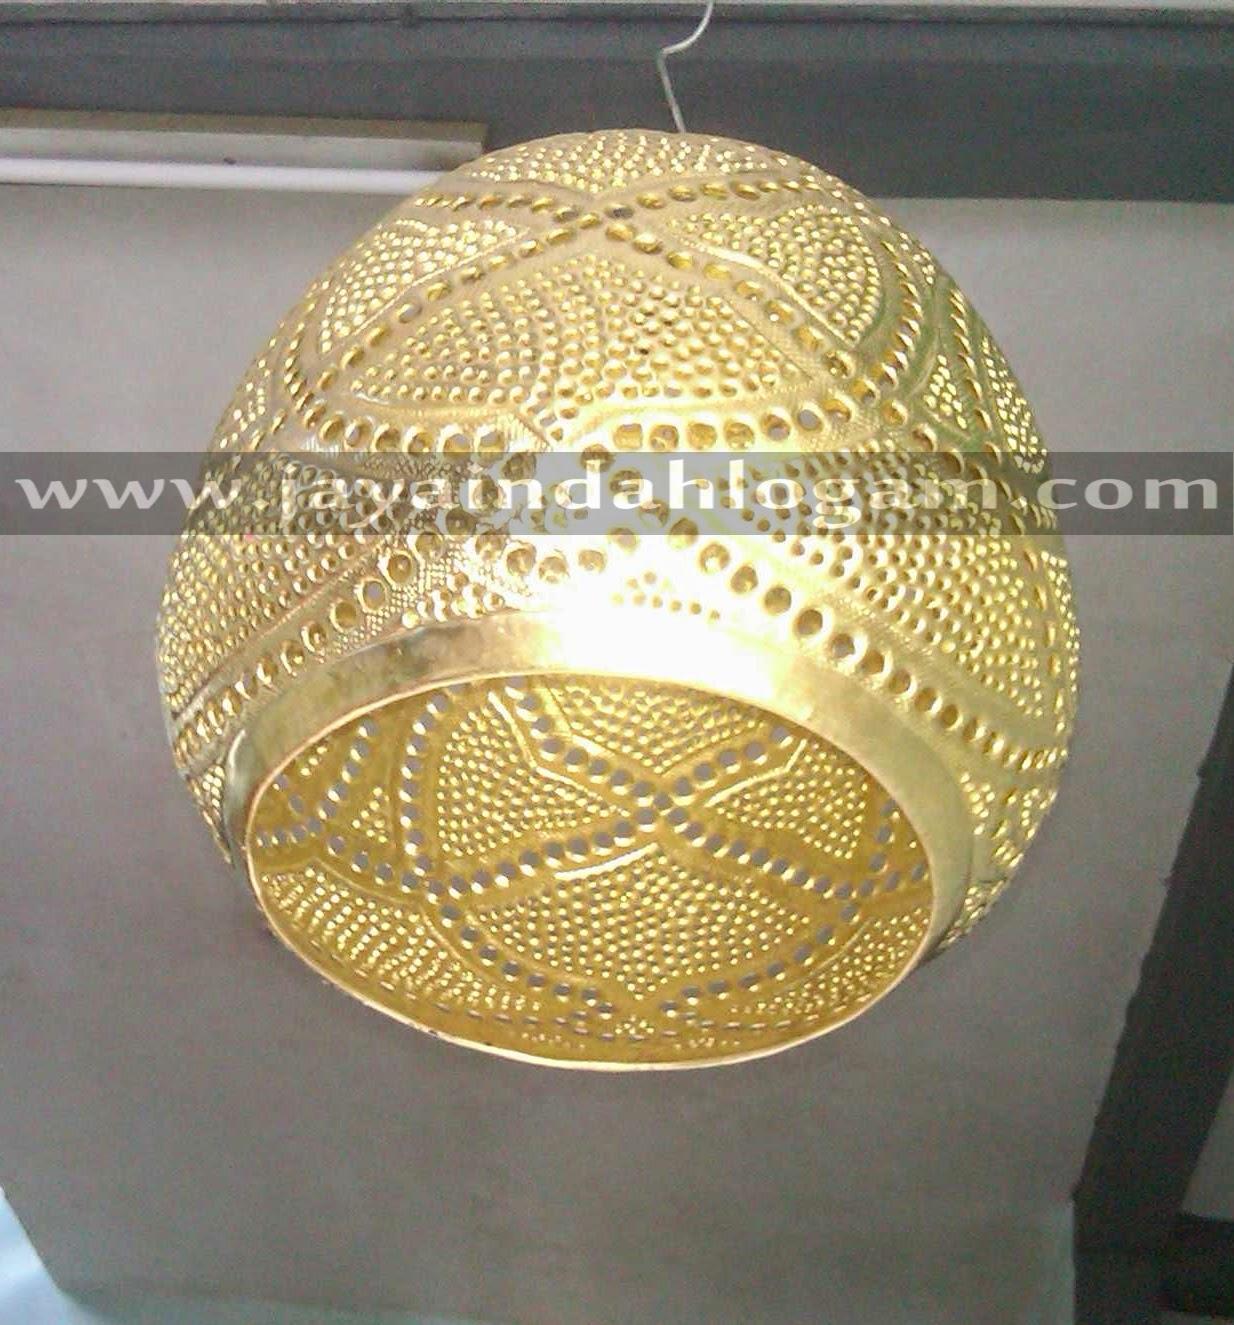 lampu pusat kerajinan tembaga dan kuningan jaya indah logamc